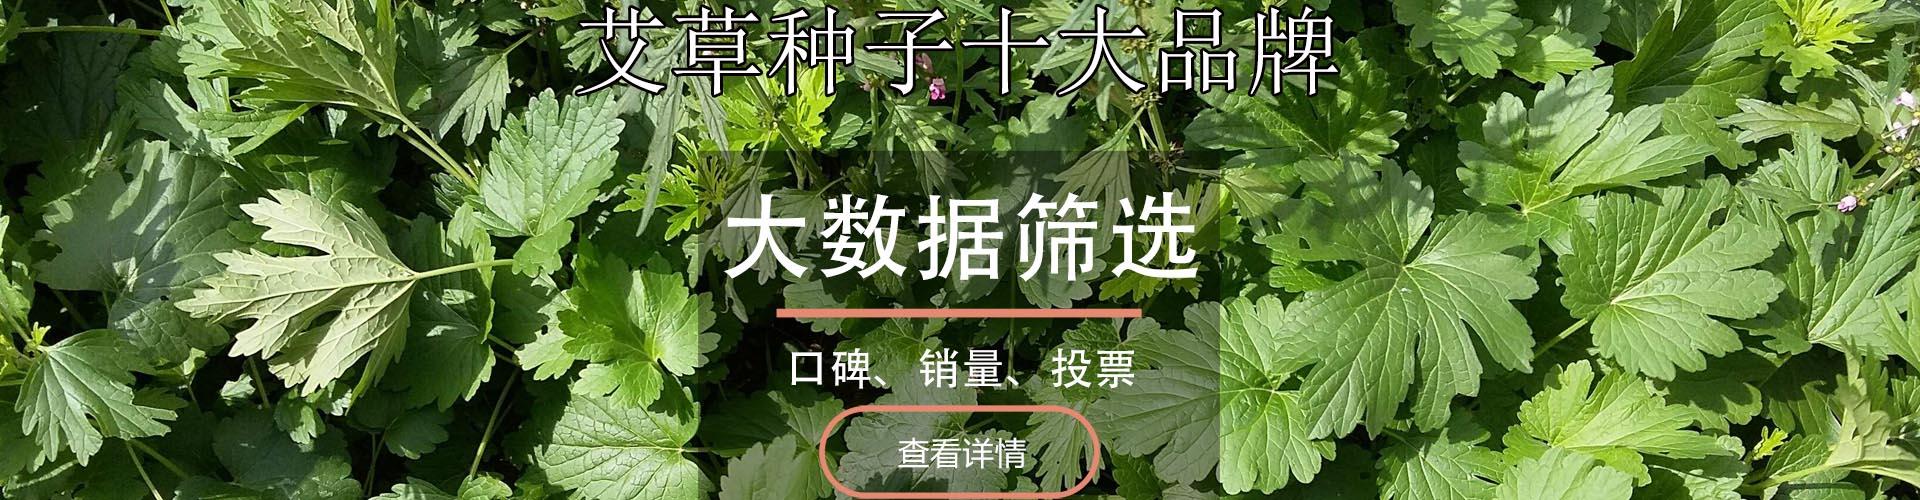 艾草种子十大品牌排行榜